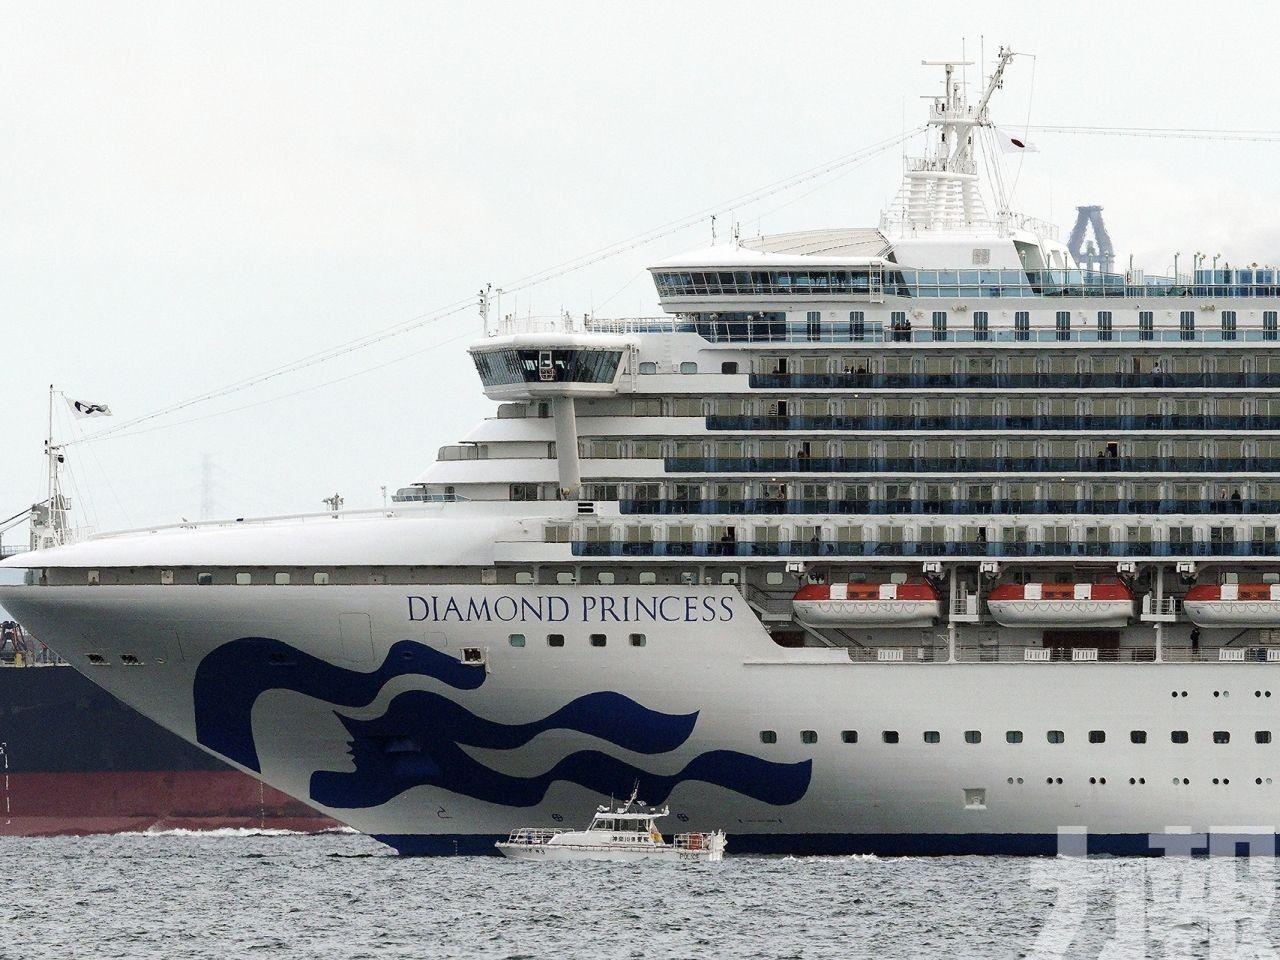 香港前往日本貨船證實10人確診